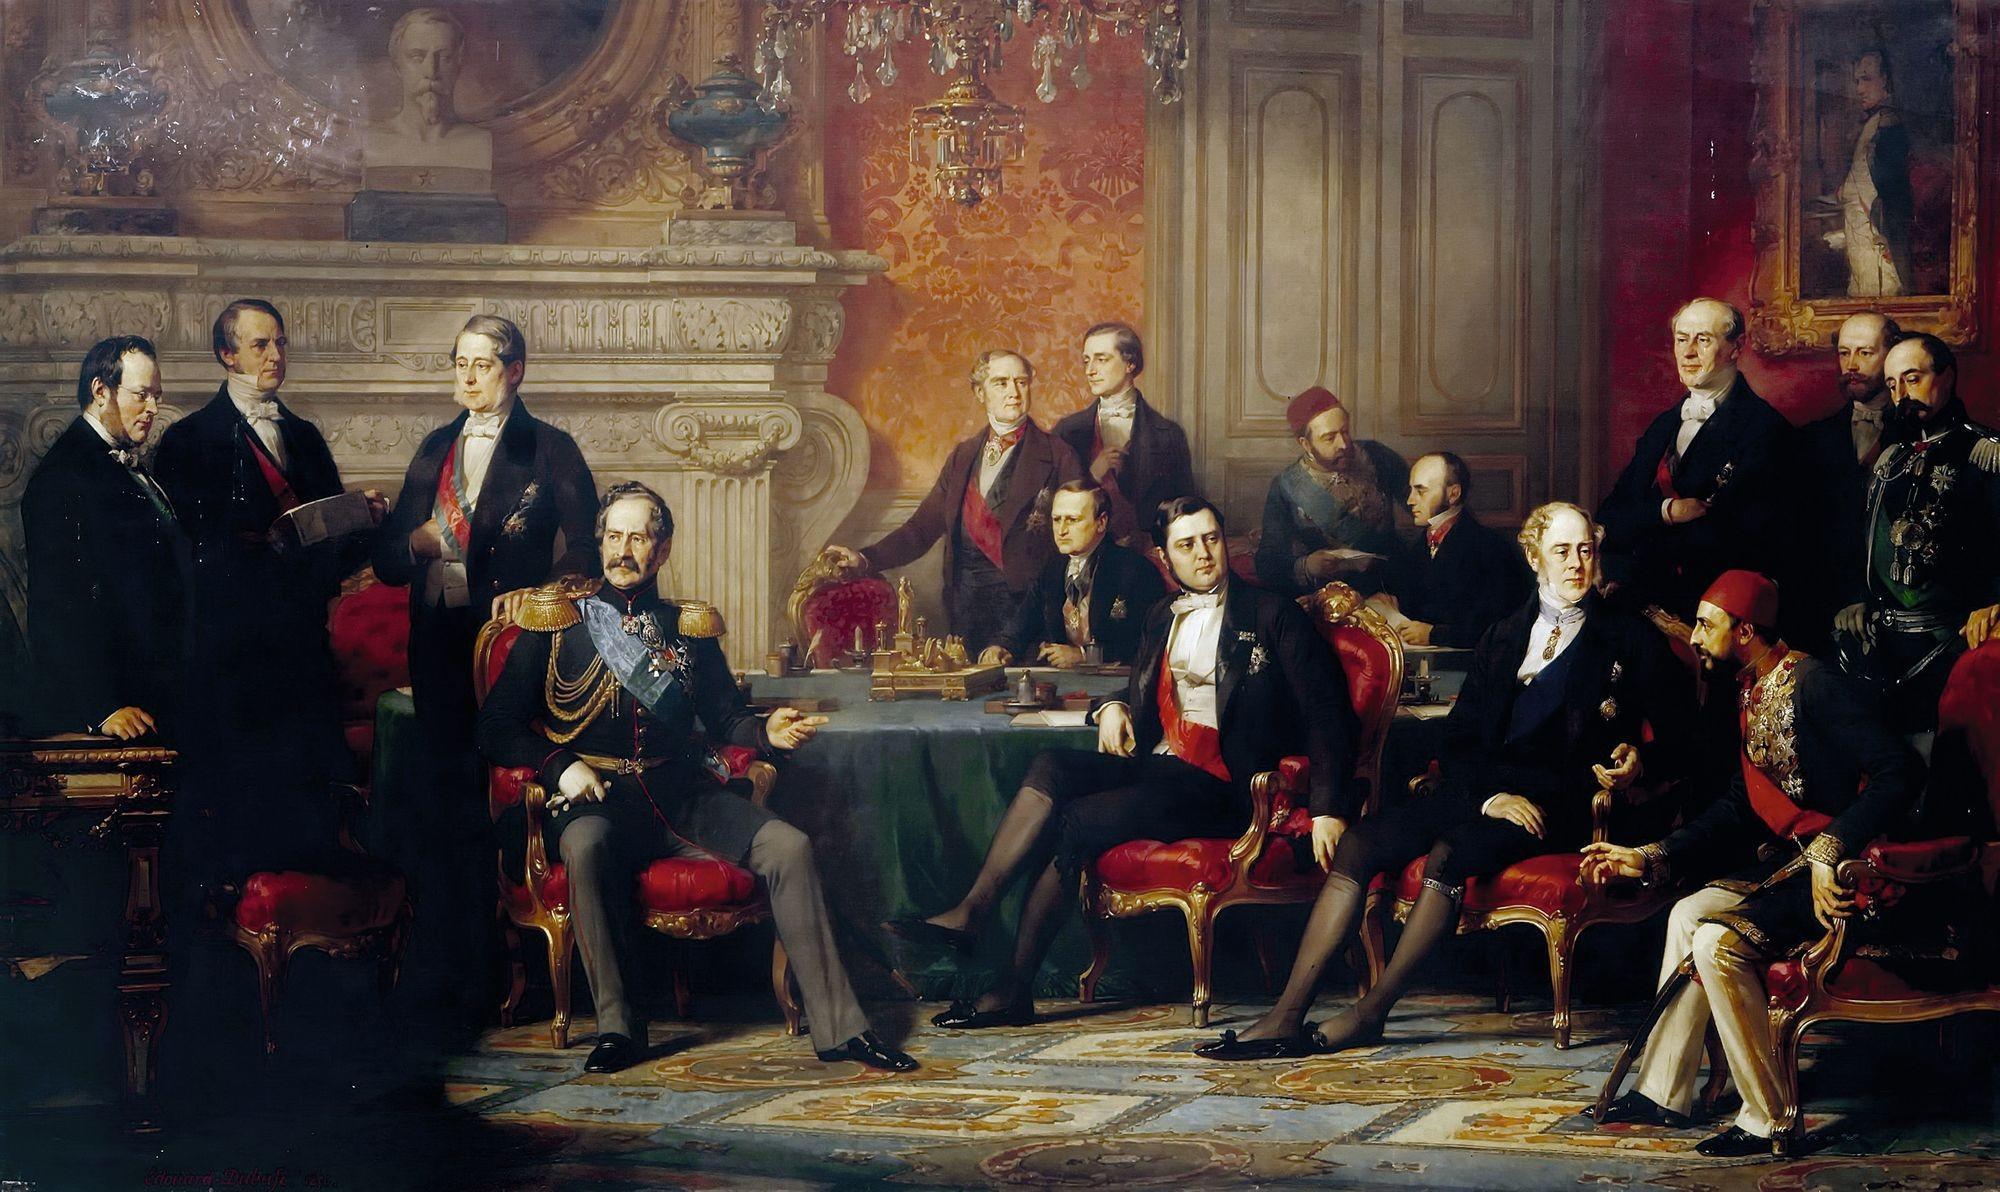 Édouard Louis Dubufe, Le Congrès de Paris